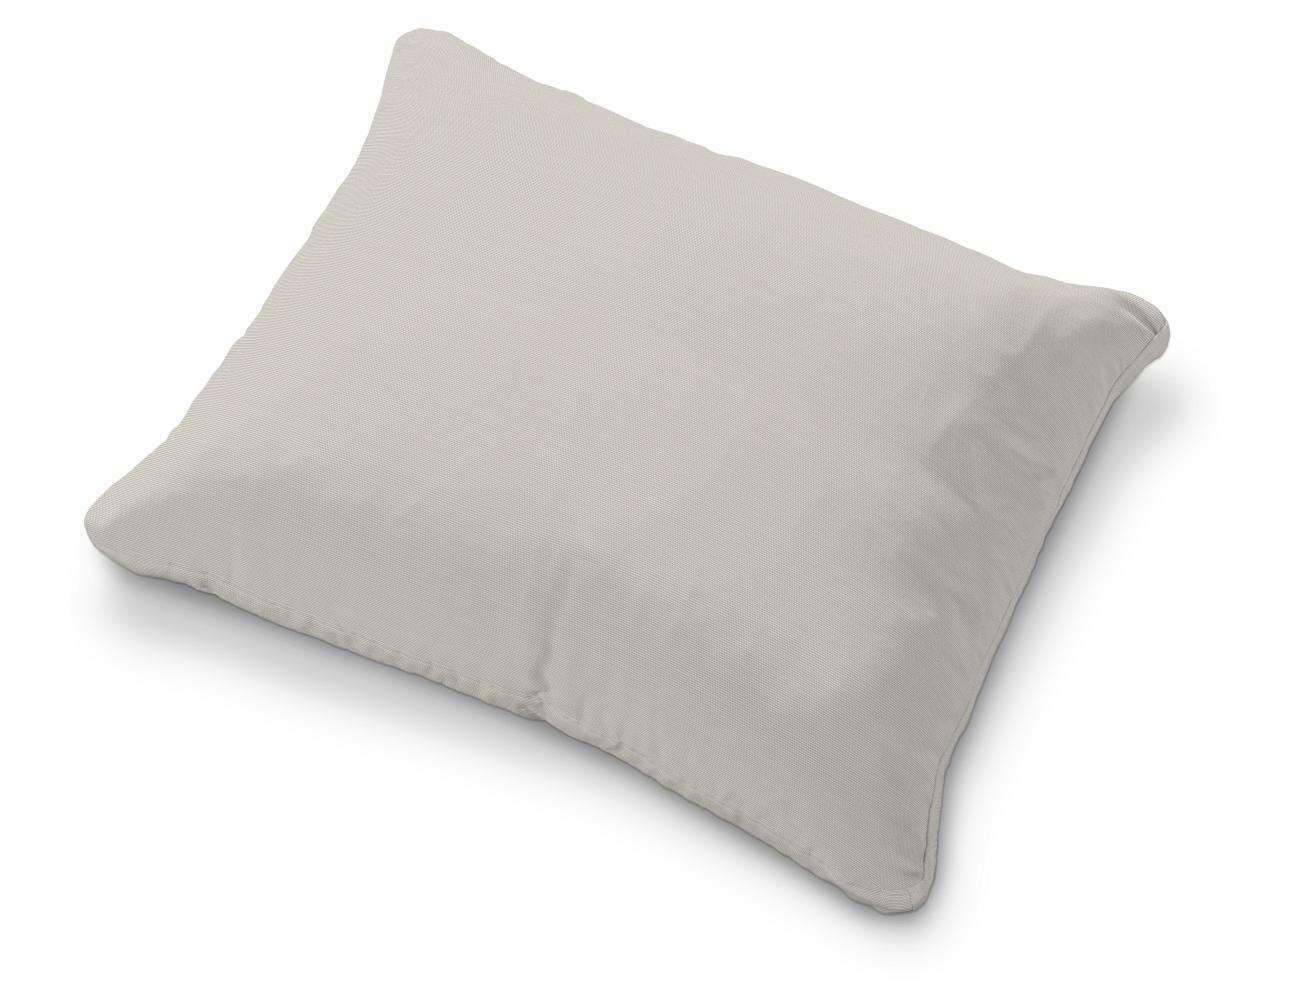 Poszewka na poduszkę Karlstad 58x48cm poduszka Karlstad 58x48cm w kolekcji Cotton Panama, tkanina: 702-31